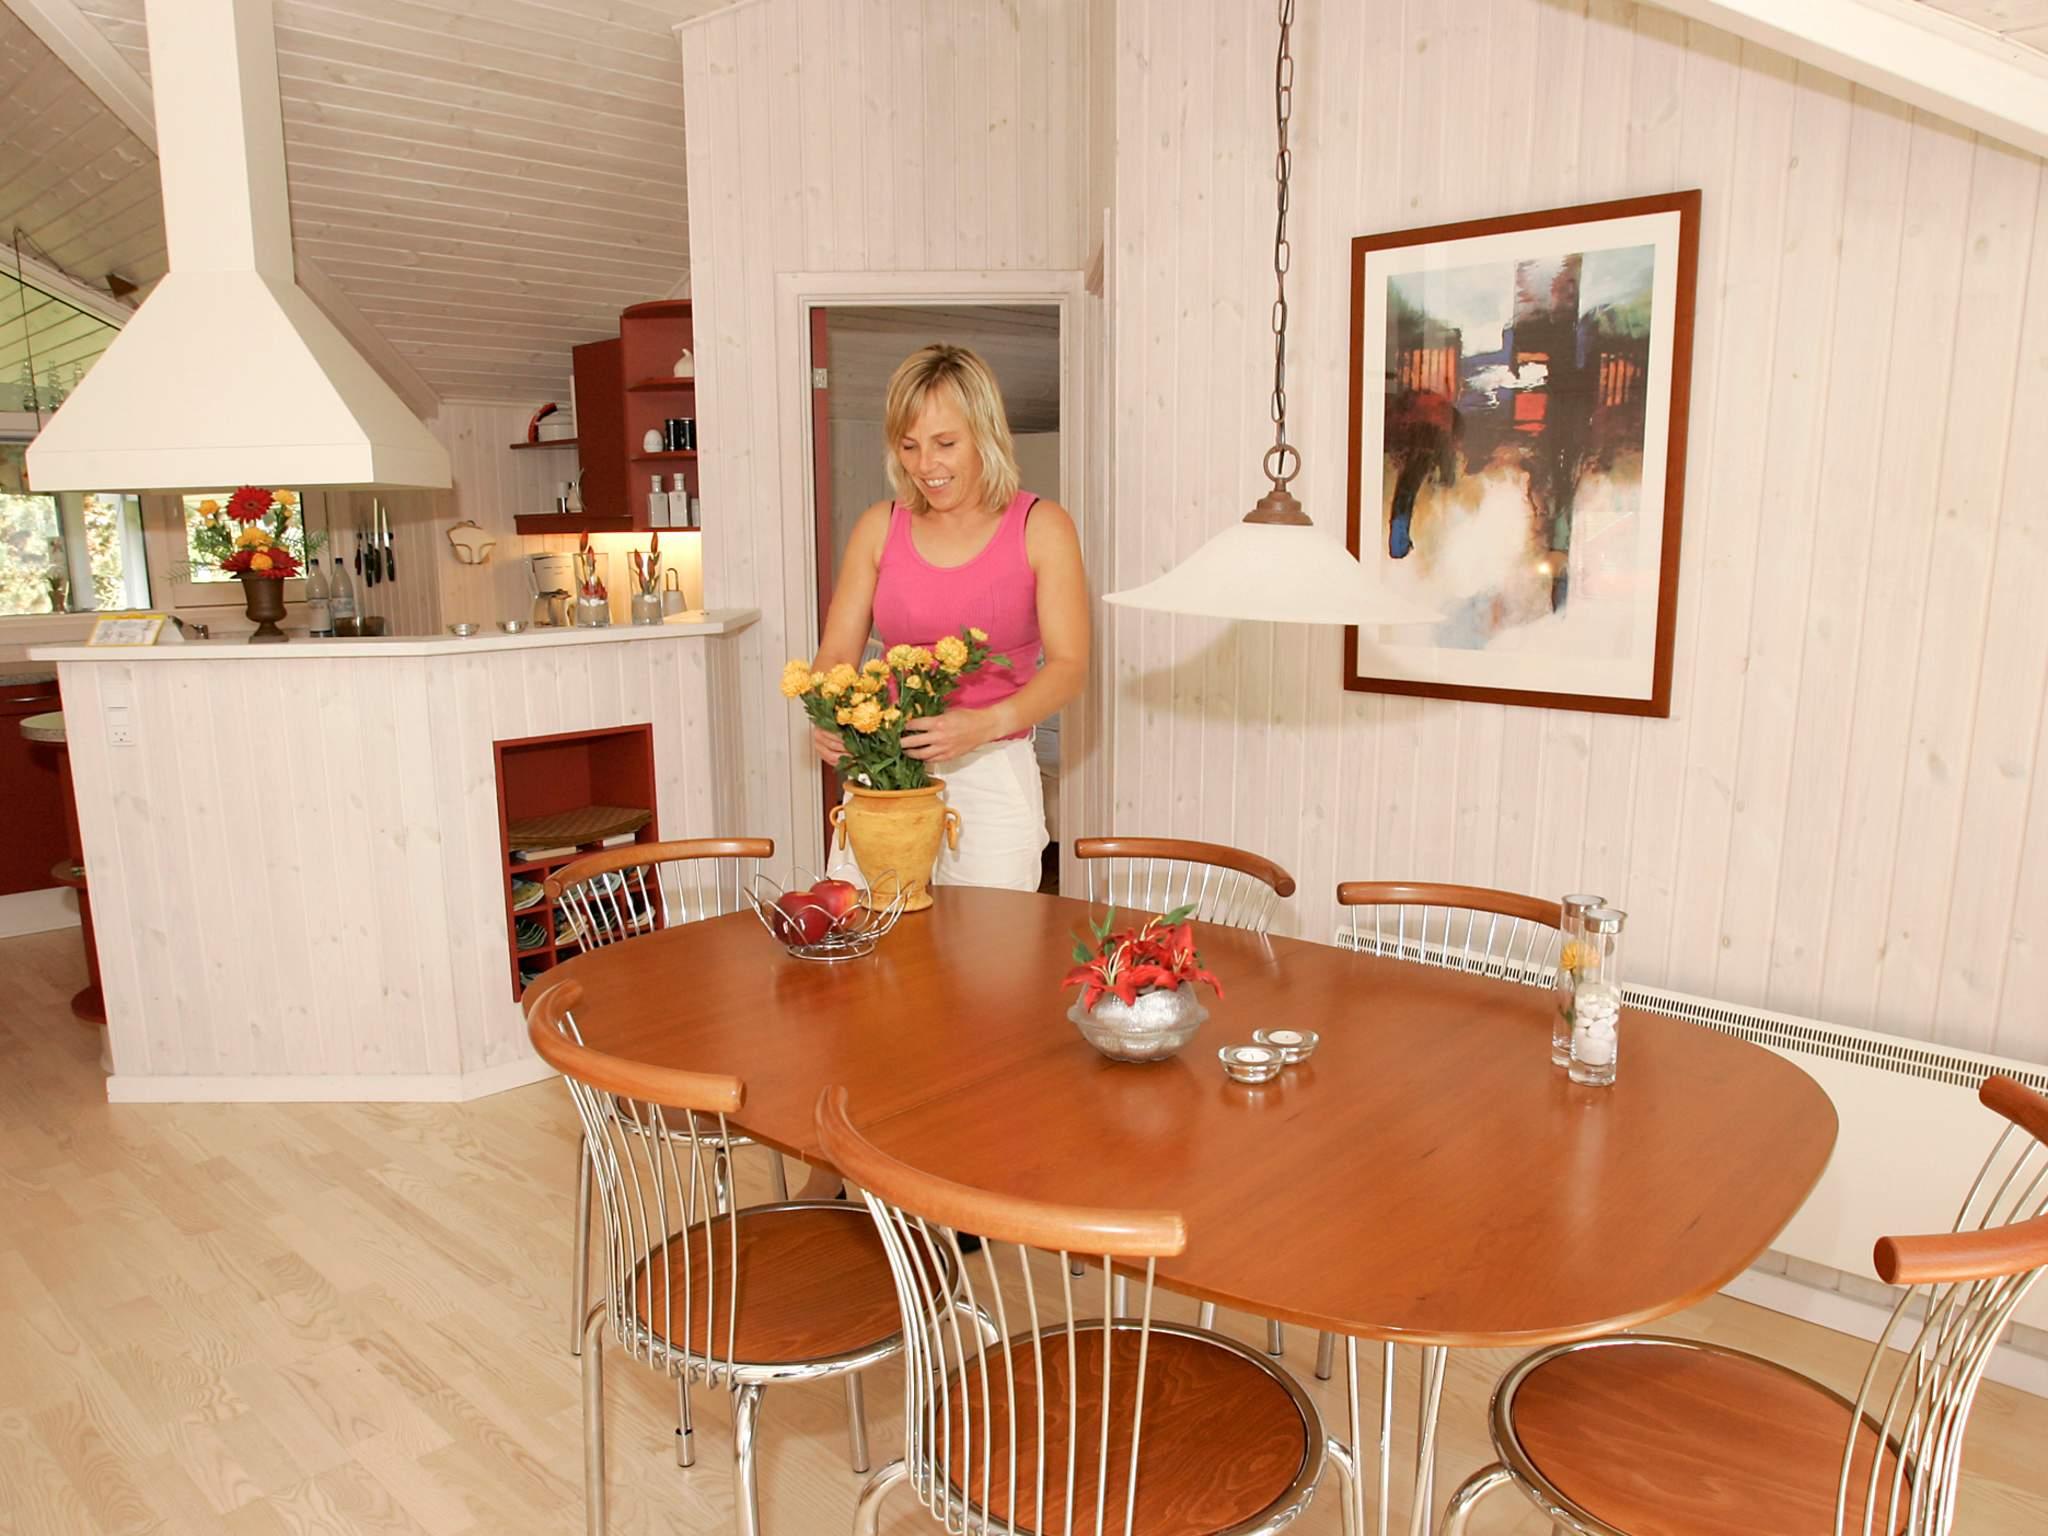 Ferienhaus Agger (226345), Vestervig, , Limfjord, Dänemark, Bild 5